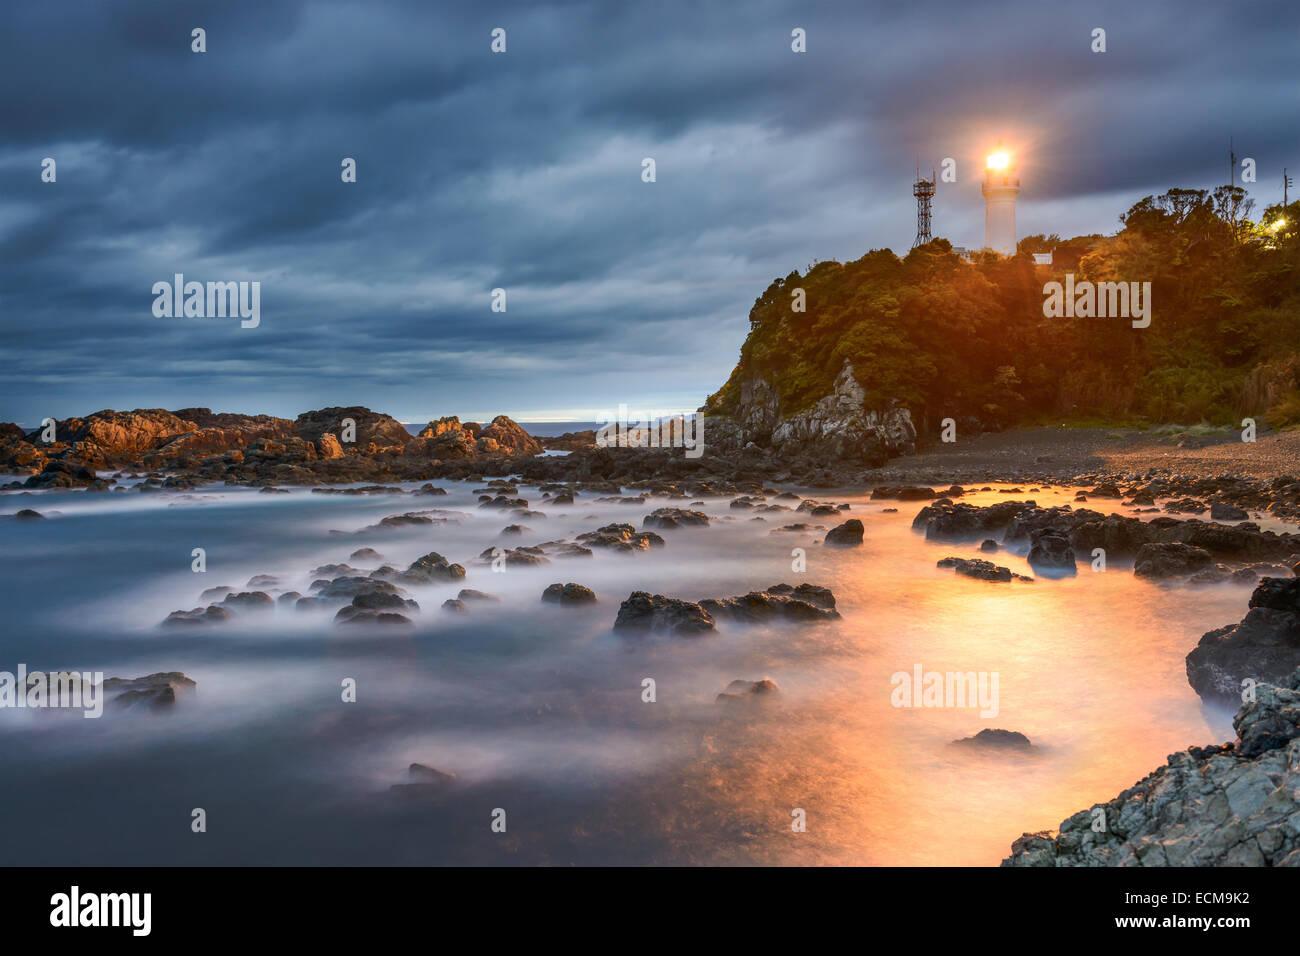 Kushimoto, Giappone a Shionomisaki del Capo, il punto più a sud della principale isola di Honshu. Immagini Stock